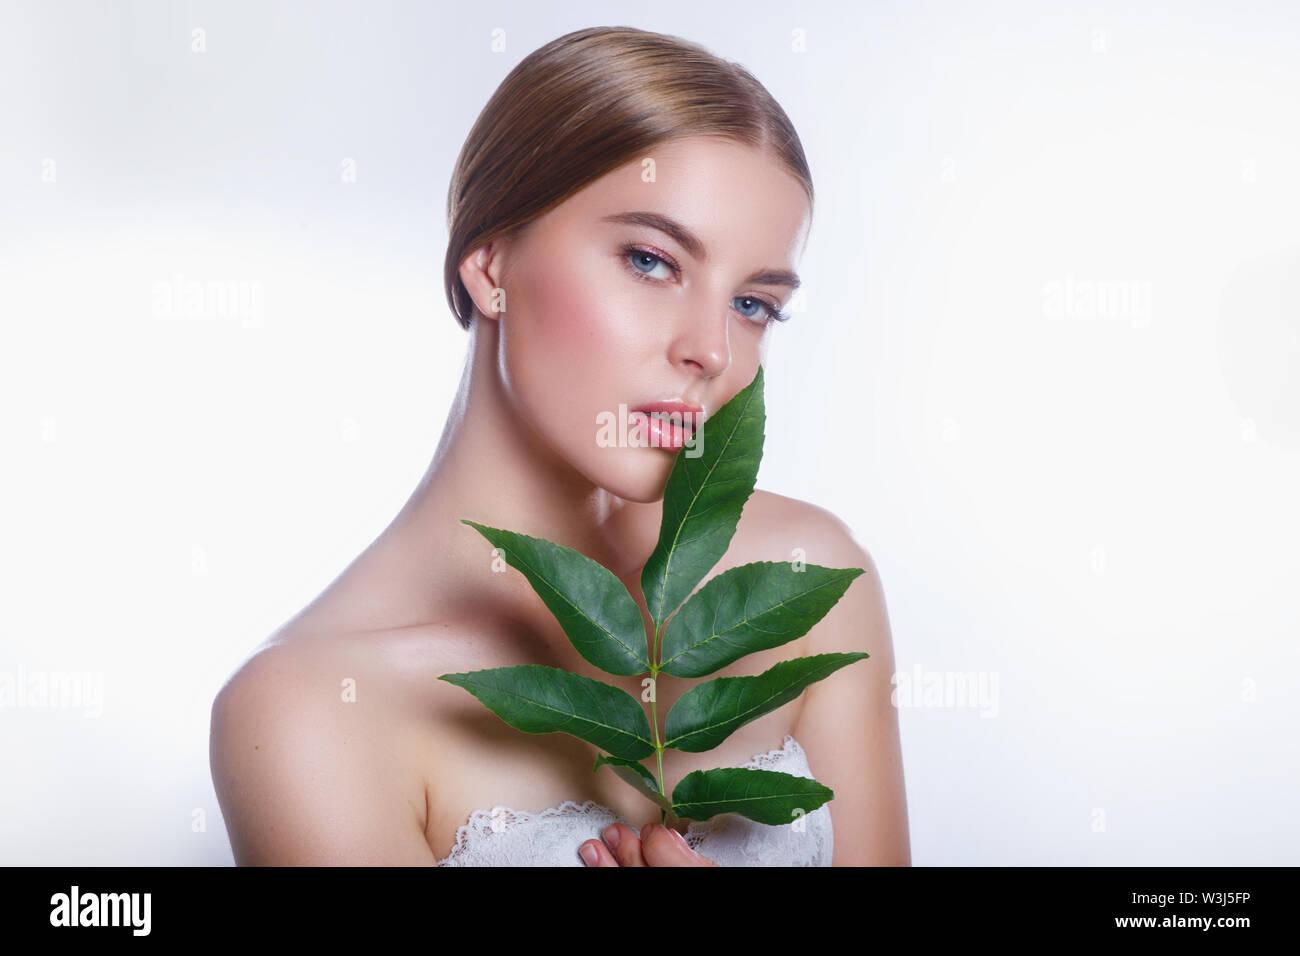 Schöne Frau Gesicht Porträt mit Green leaf Konzept für die Pflege der Haut oder organische Kosmetik auf weißem Hintergrund Stockbild